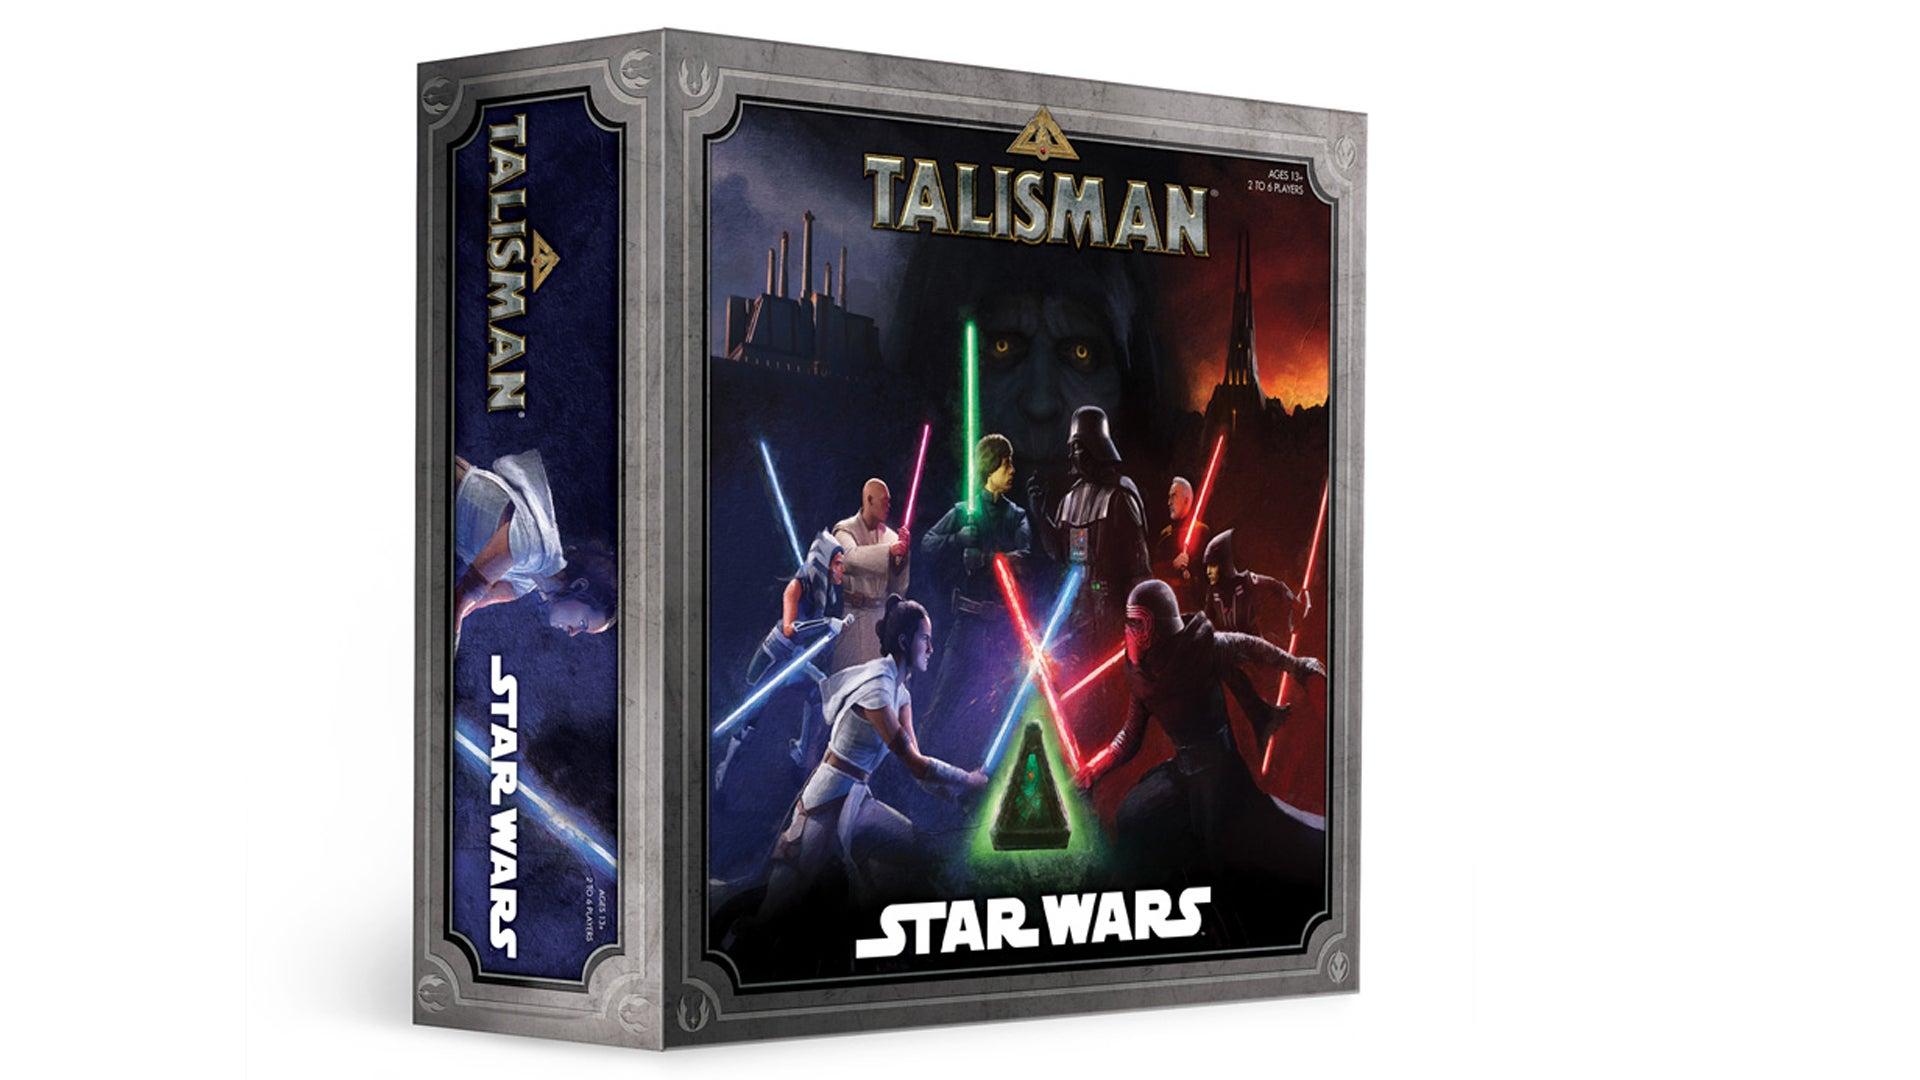 Talisman: Star Wars board game box